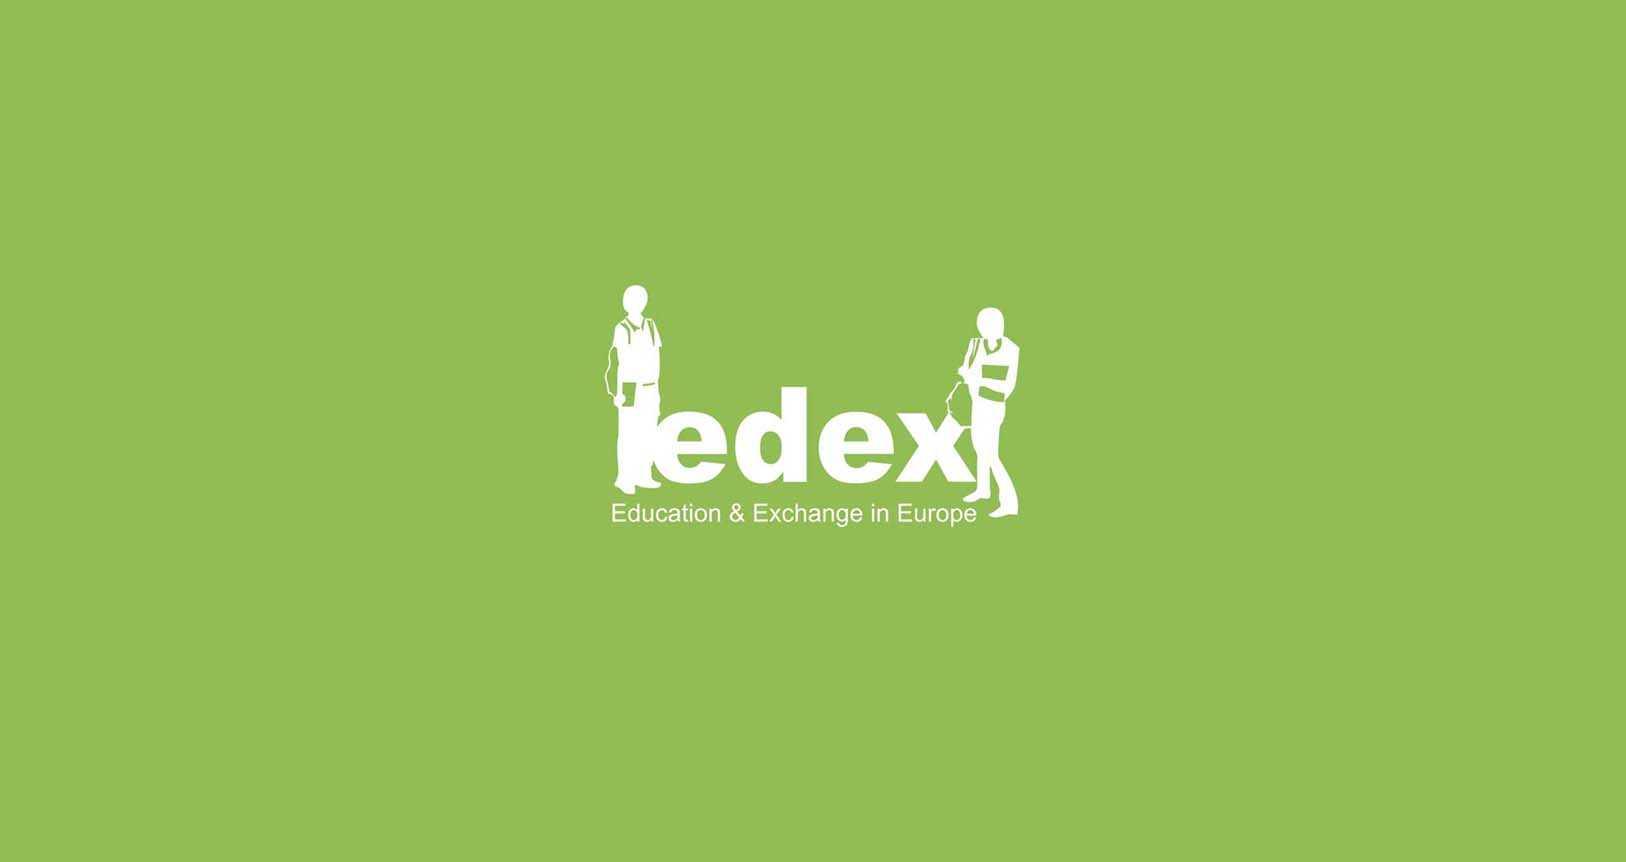 EDEX-TOP-WIDE-BANNER